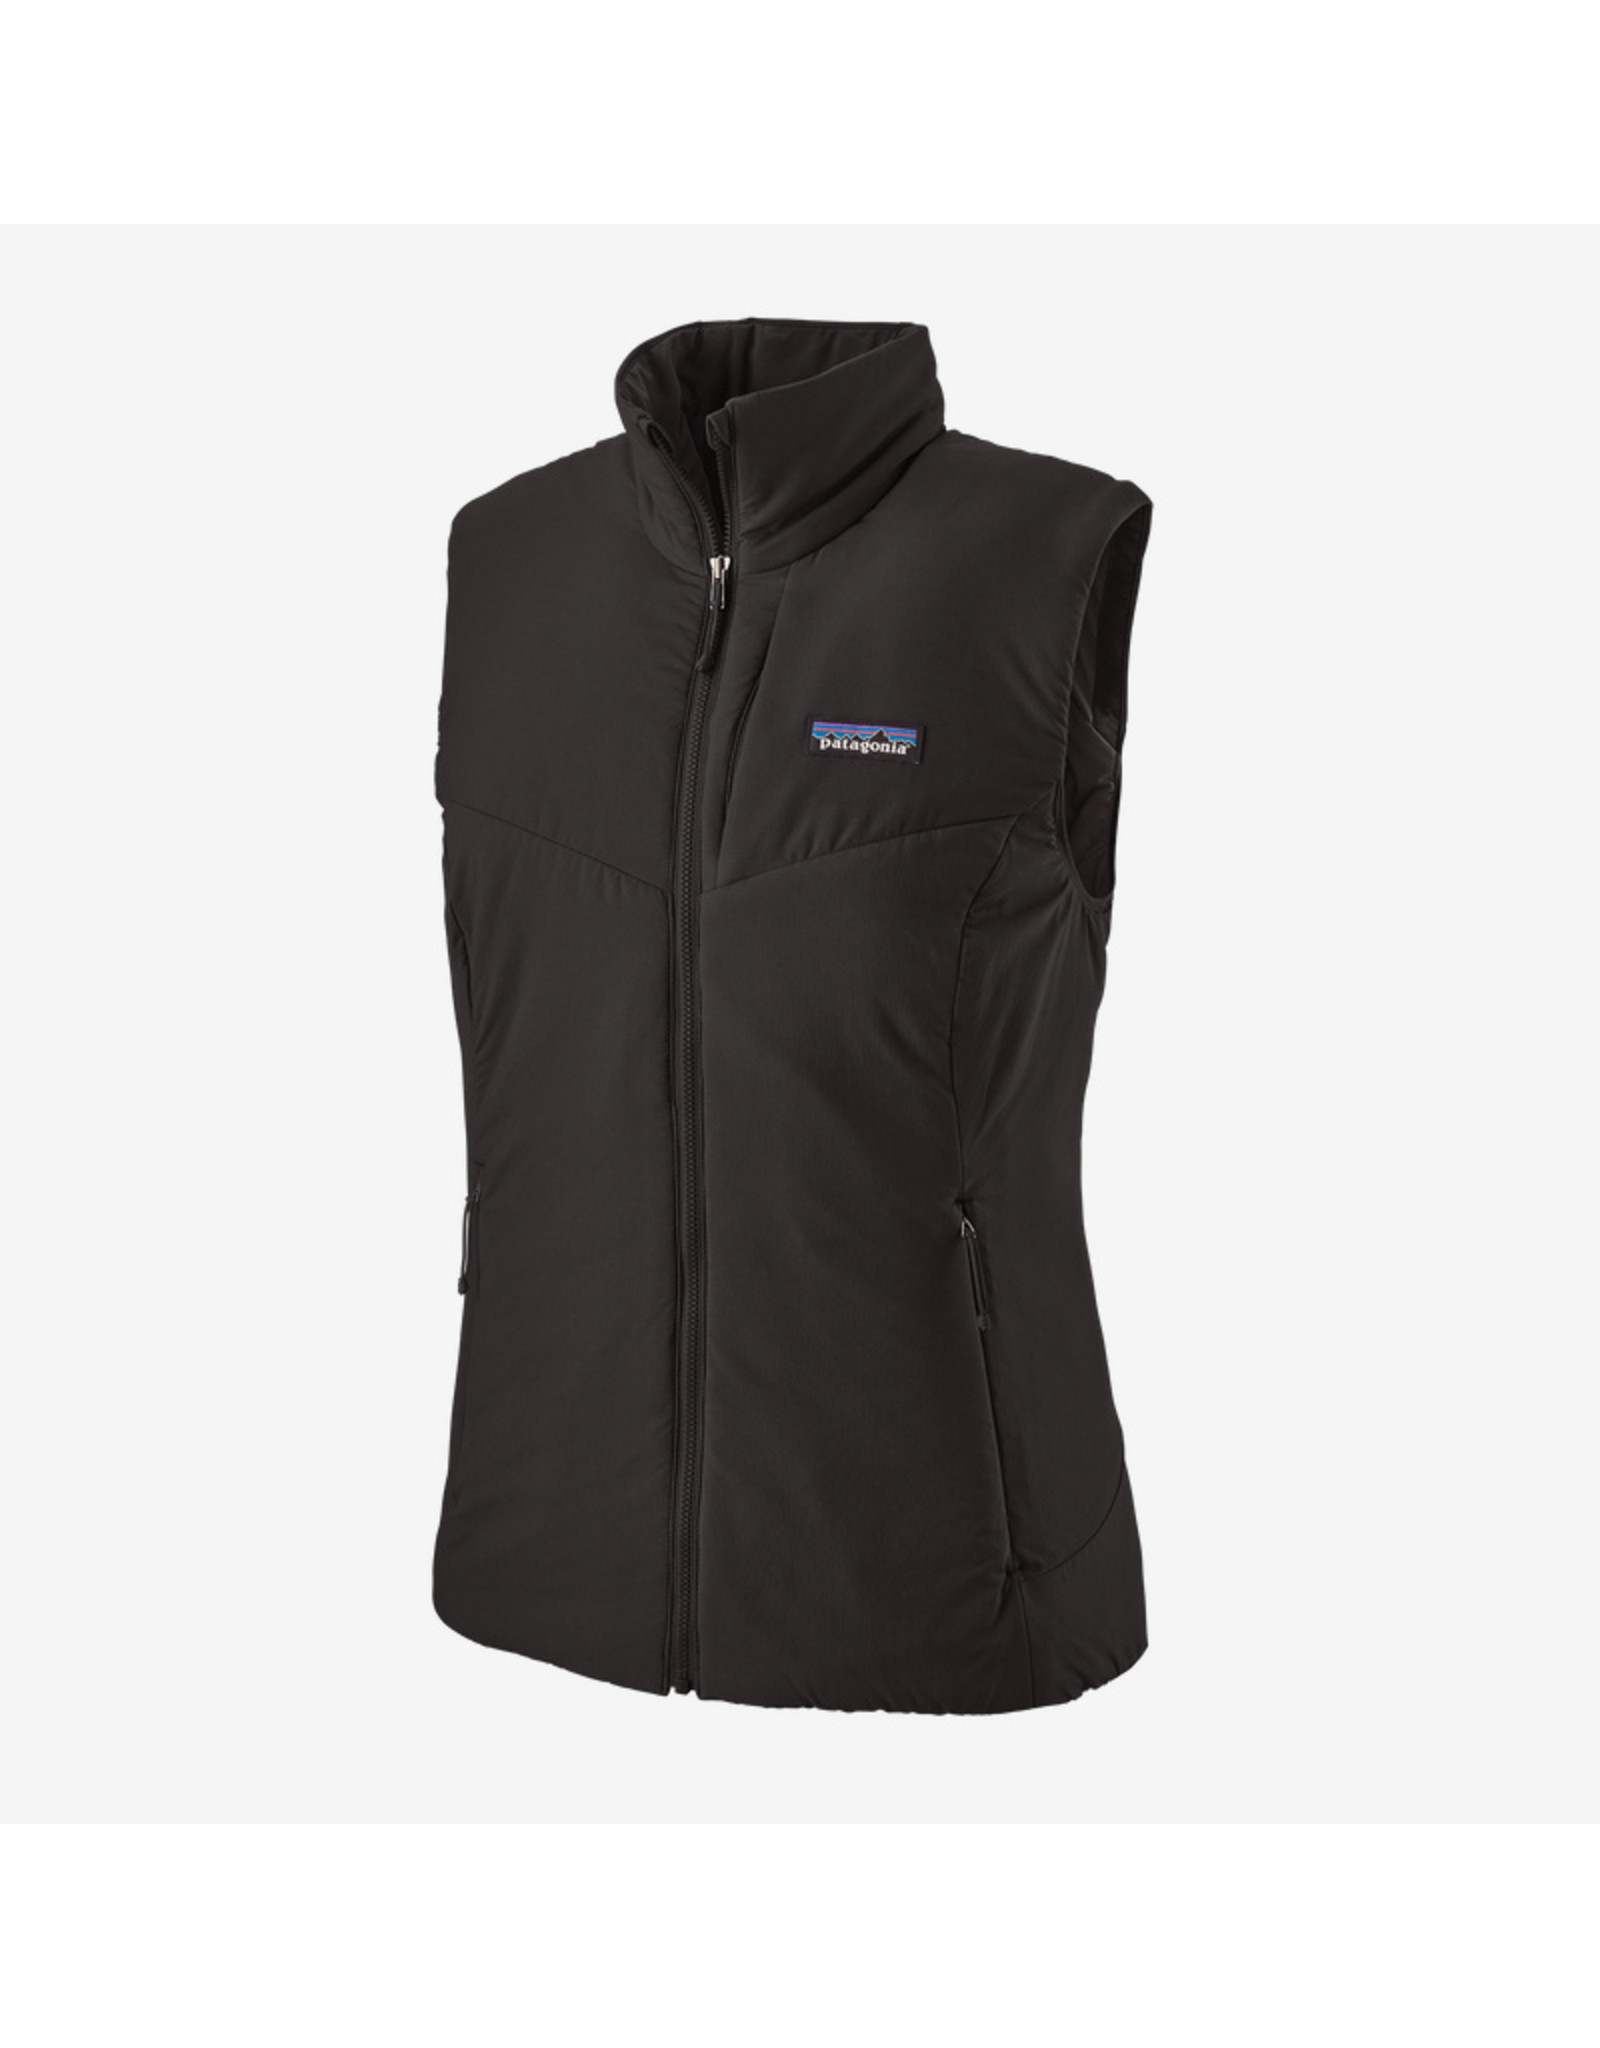 Patagonia Patagonia - W's Nano-Air Vest